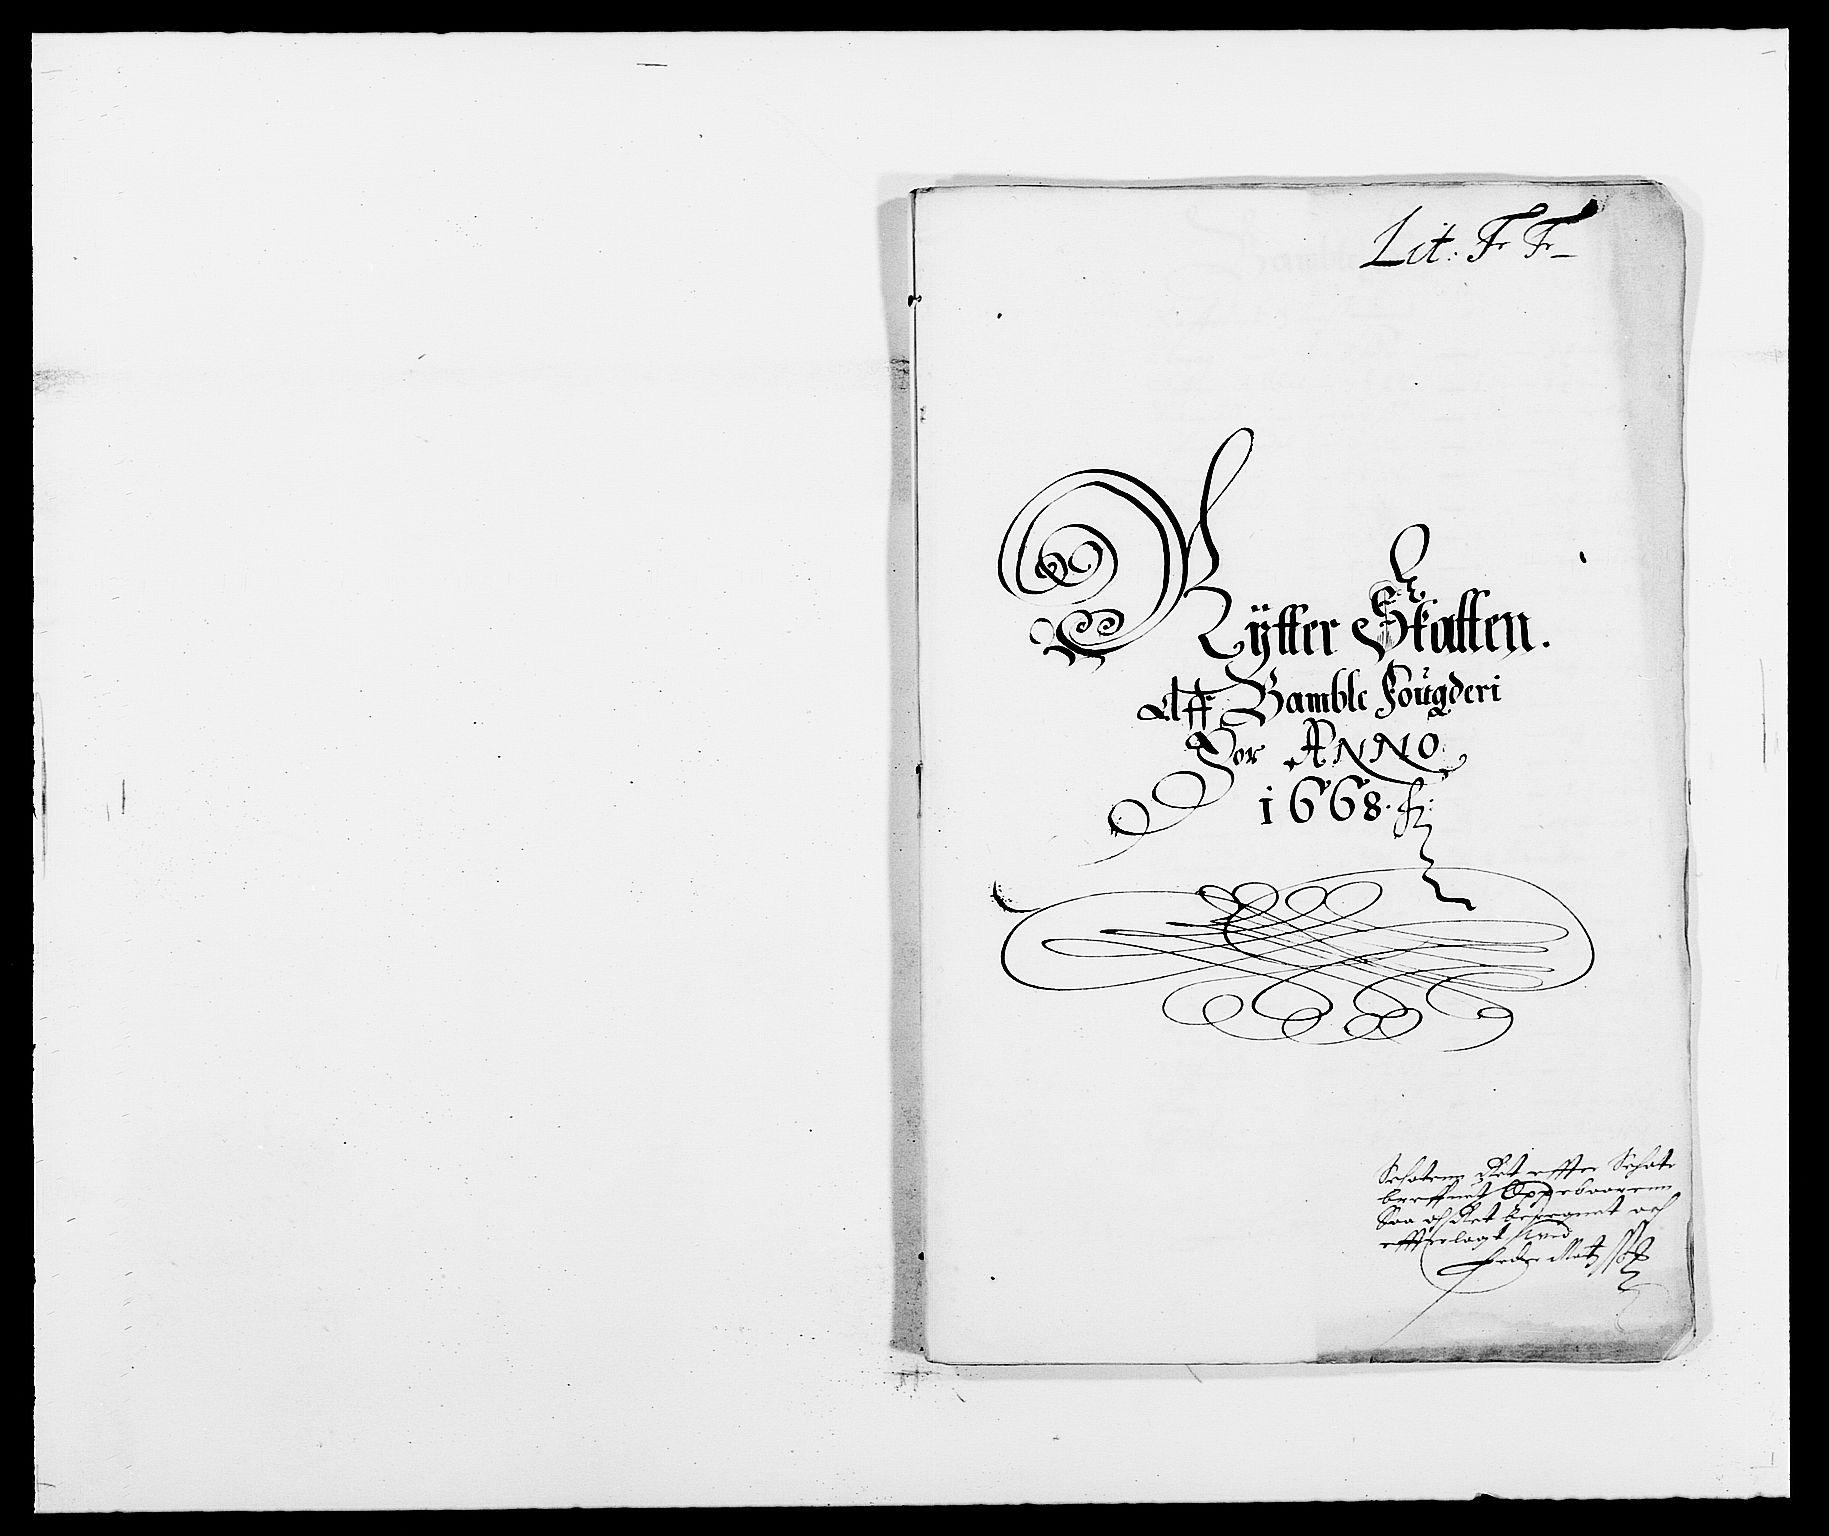 RA, Rentekammeret inntil 1814, Reviderte regnskaper, Fogderegnskap, R34/L2040: Fogderegnskap Bamble, 1662-1669, s. 27